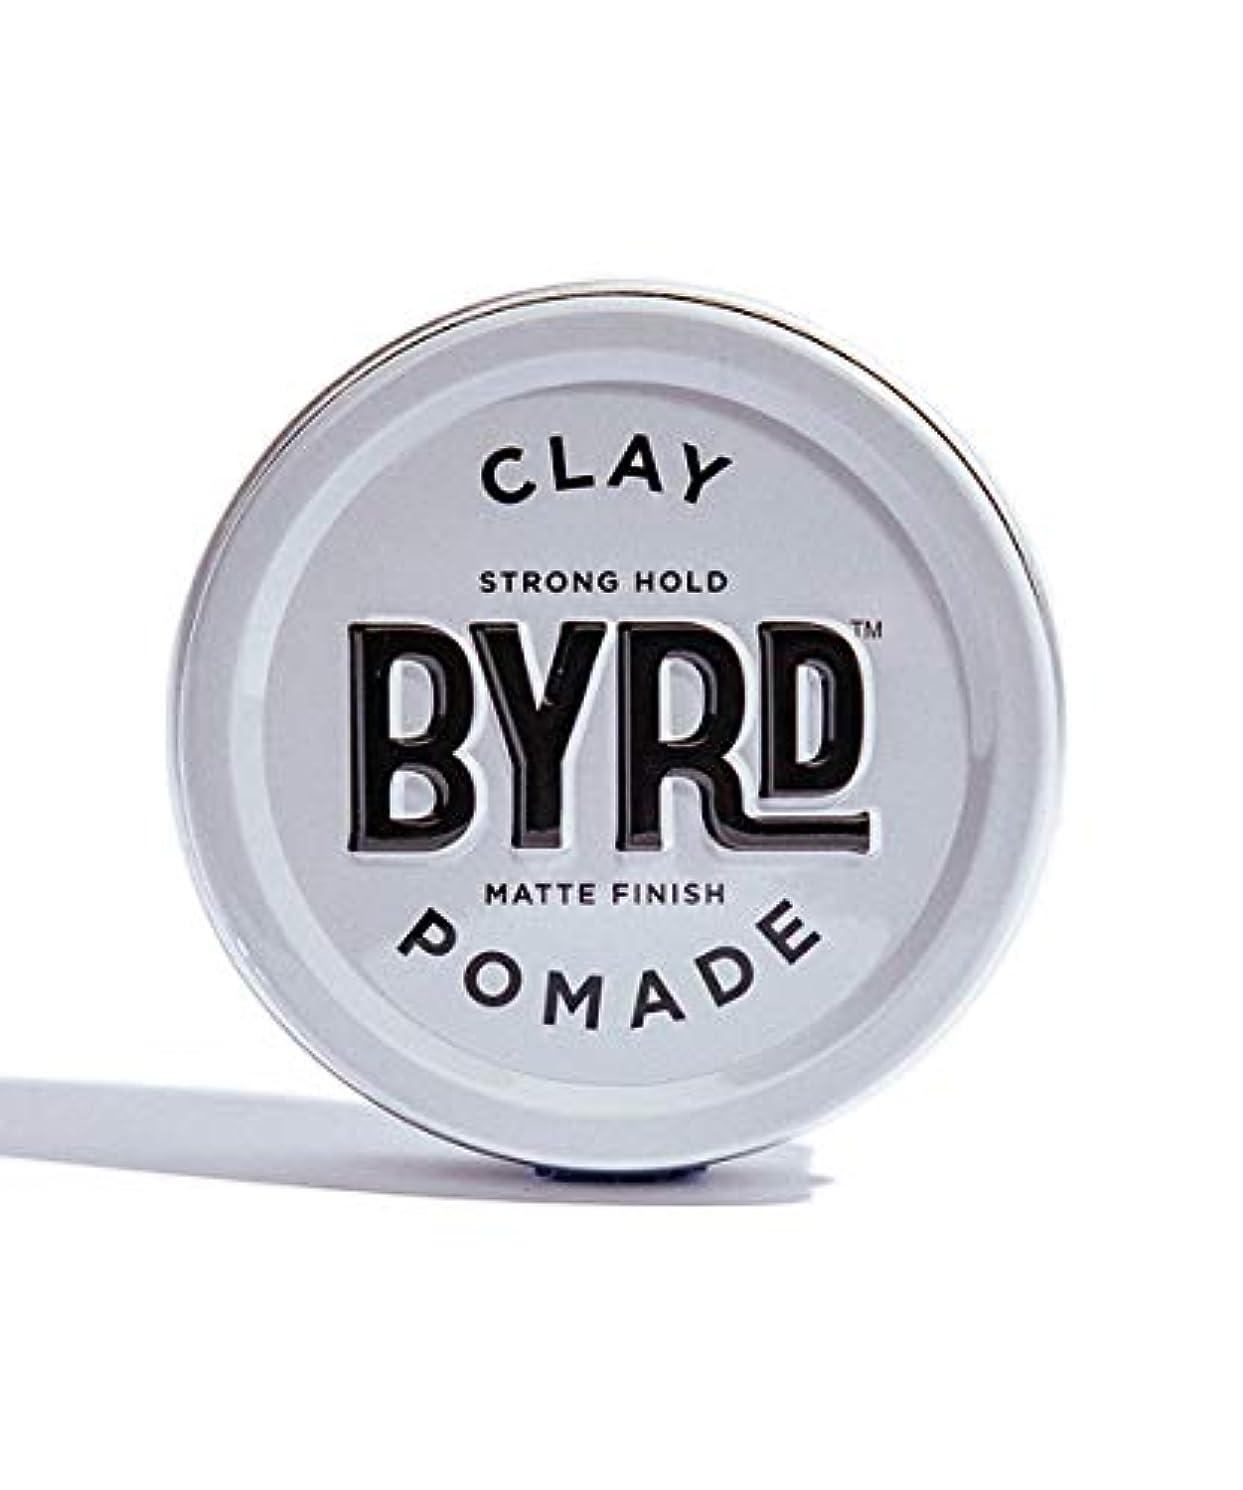 メイド事ワーカーBYRD/クレイポマード 95g メンズコスメ ワックス ヘアスタイリング かっこいい モテ髪